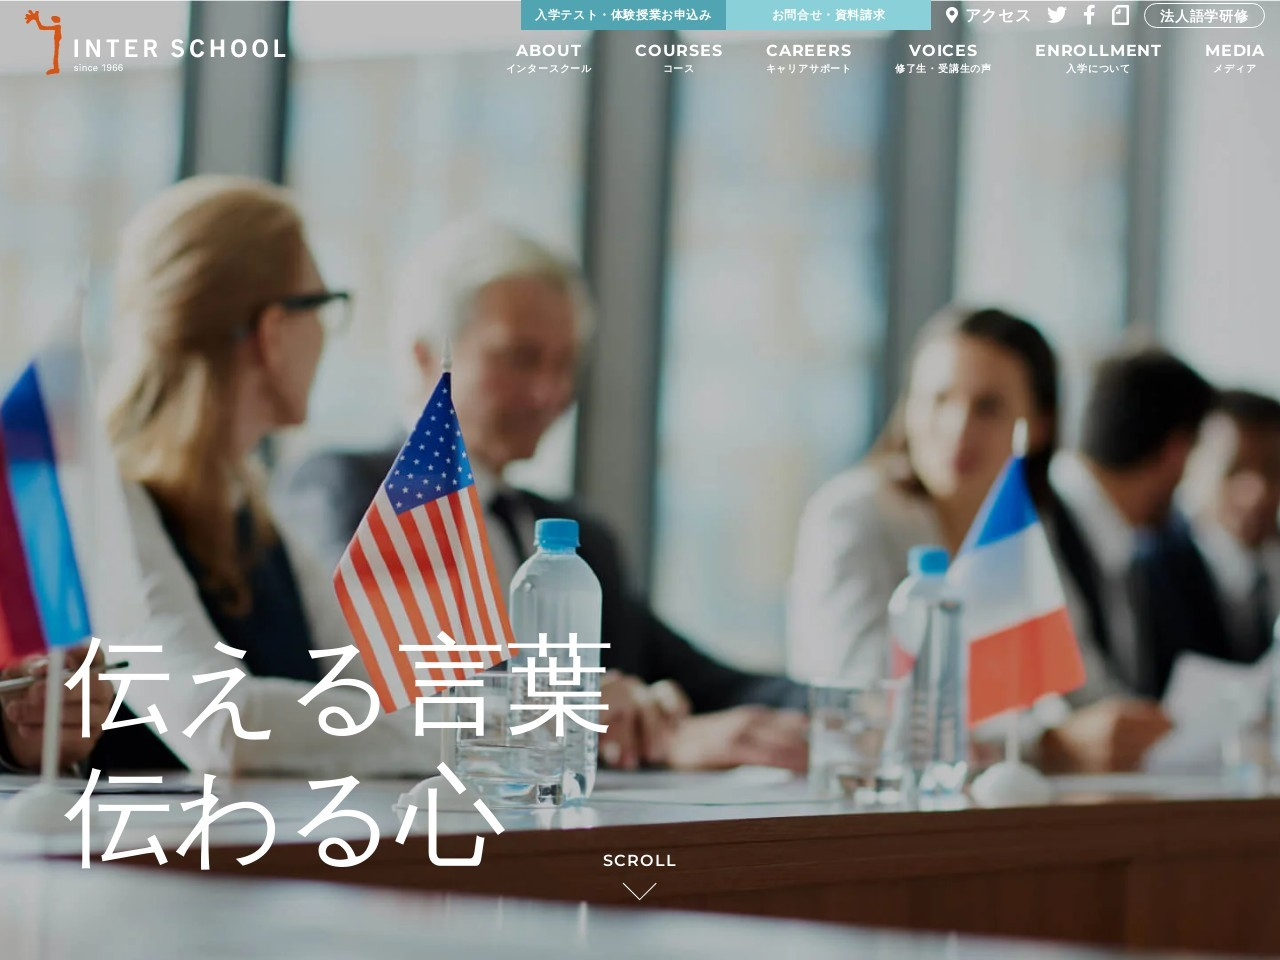 インタースクール名古屋校